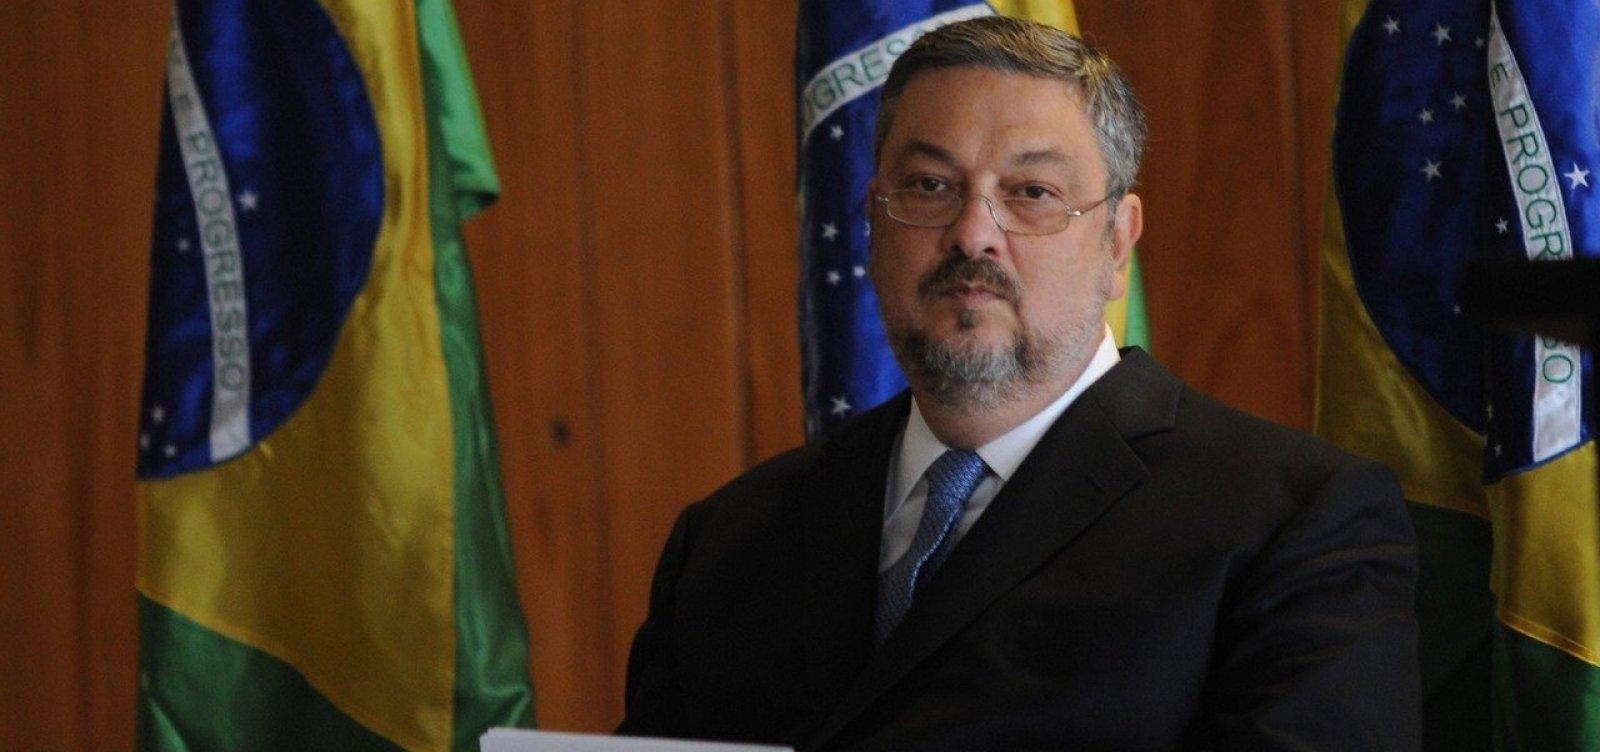 Delação de Palocci: PT ficava com 3% dos contratos de publicidade na Petrobras